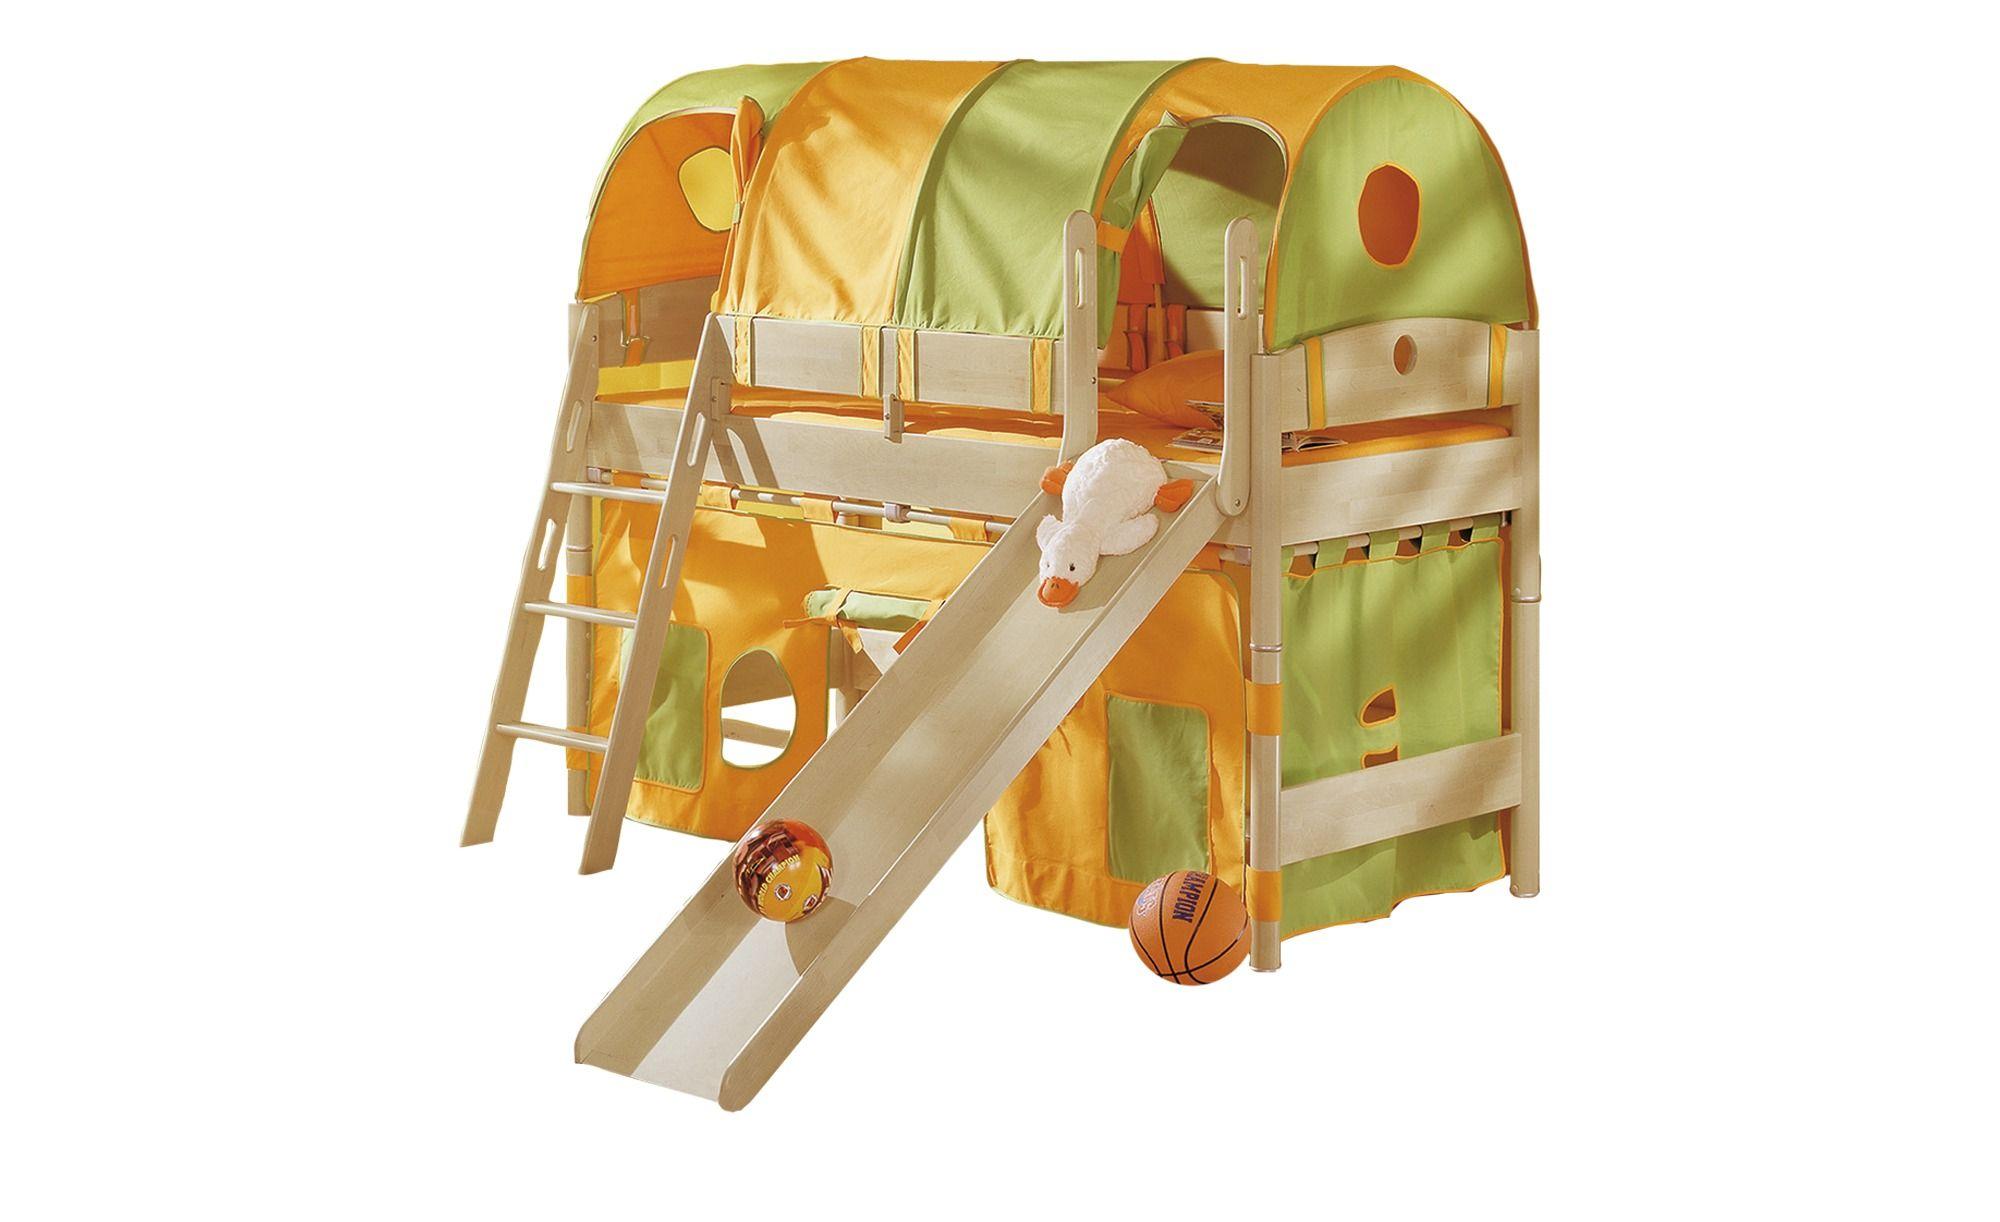 PAIDI Spielbett mit Rutsche Fleximo, gefunden bei Möbel